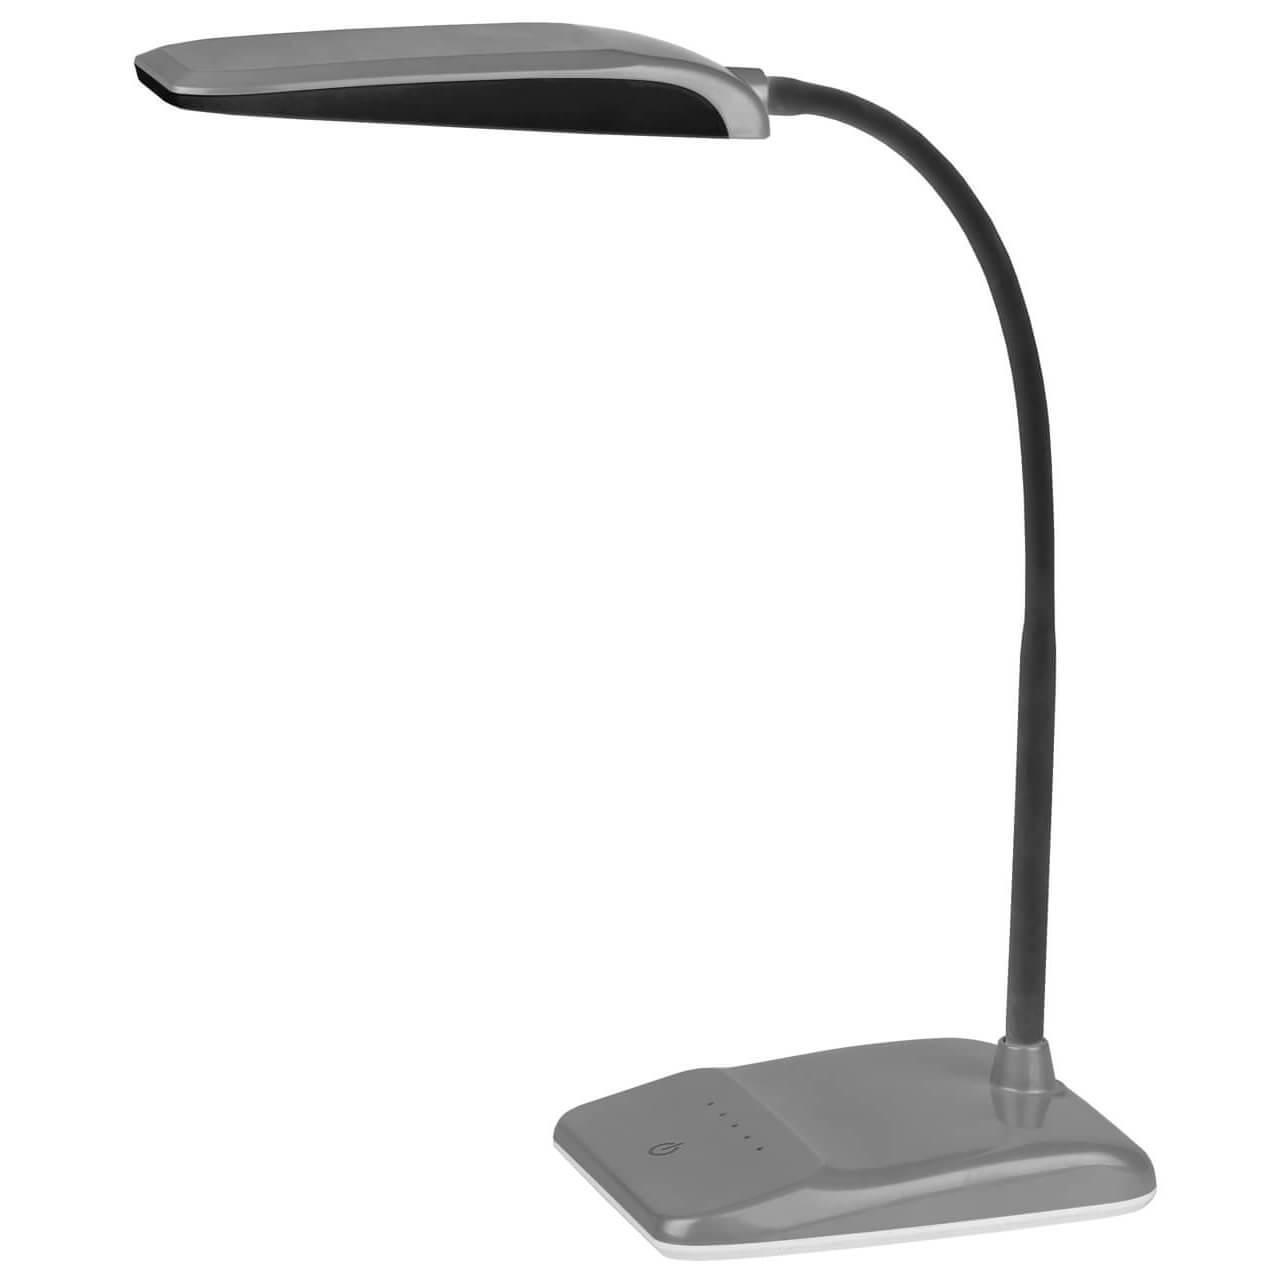 цены Настольный светильник Эра NLED-447-9W-S, LED, 9 Вт